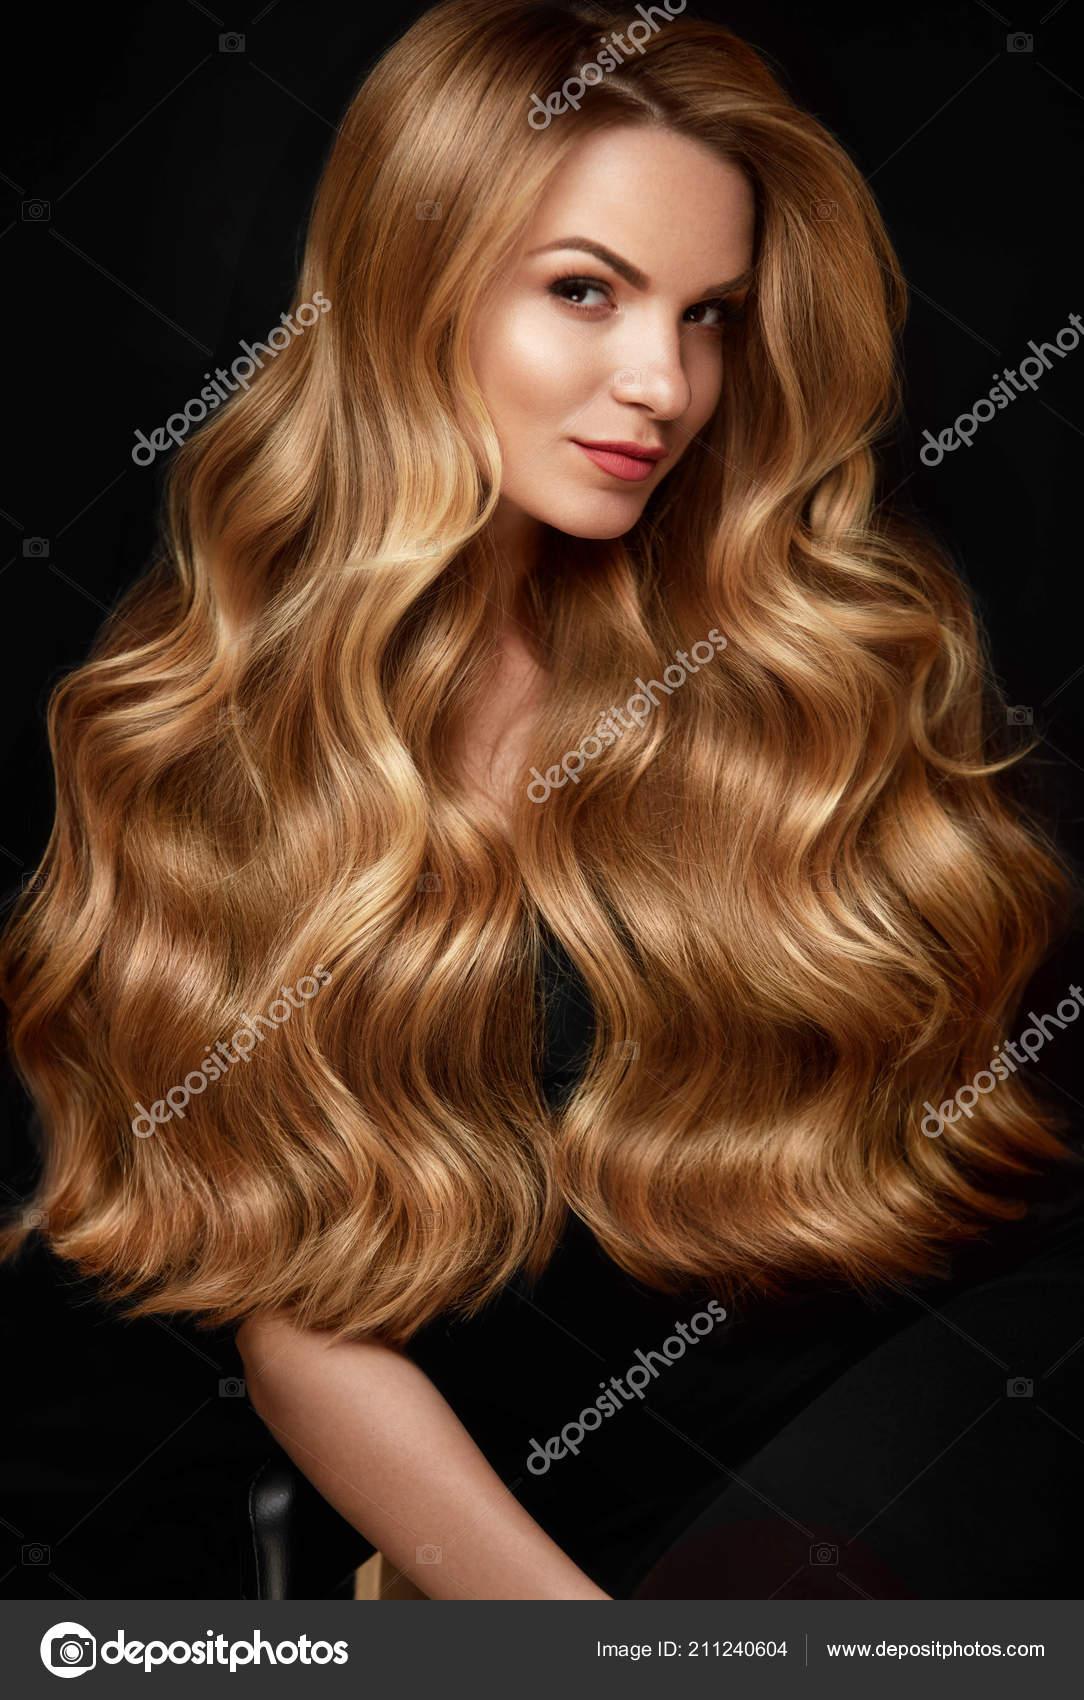 Lange Blonde Haare Frau Mit Welligen Frisur Beauty Face